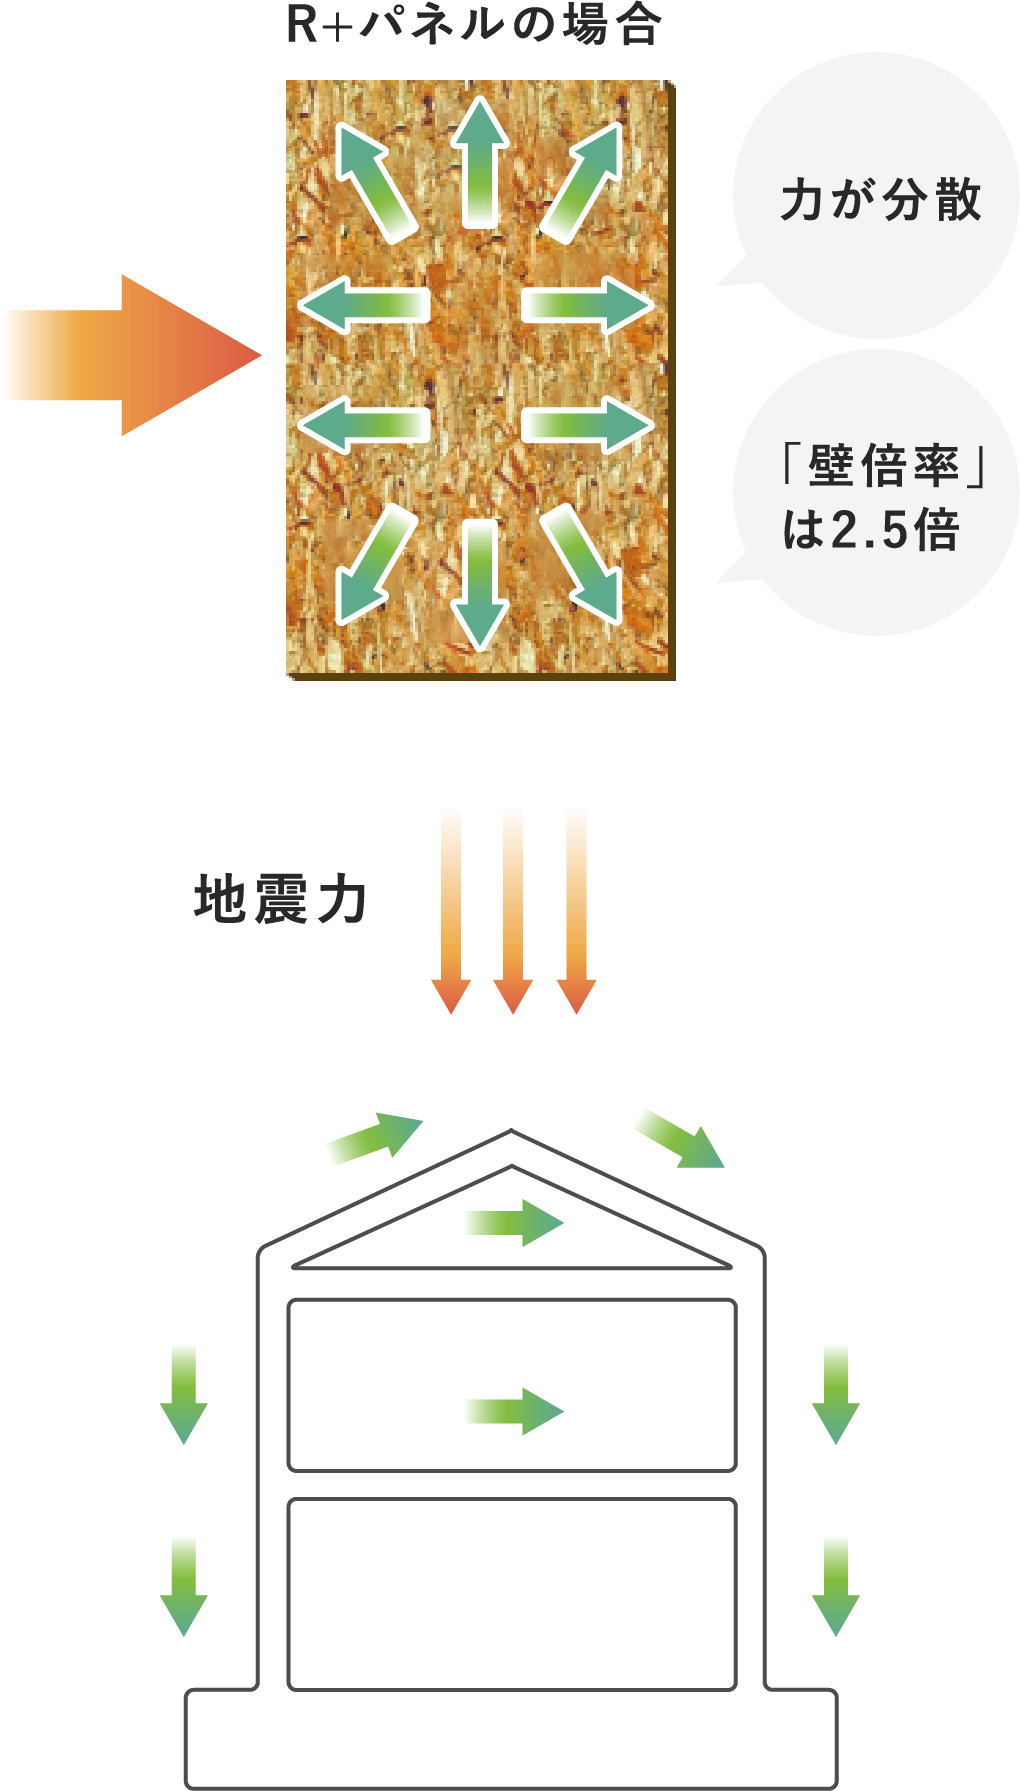 面で支えるパネル工法部材 R+ パネル